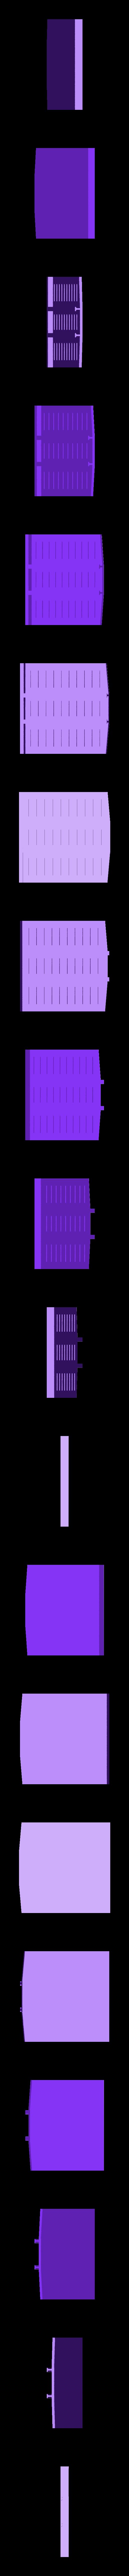 front.stl Télécharger fichier STL gratuit Boxcar russe série 11-270, échelle HO • Design pour impression 3D, positron